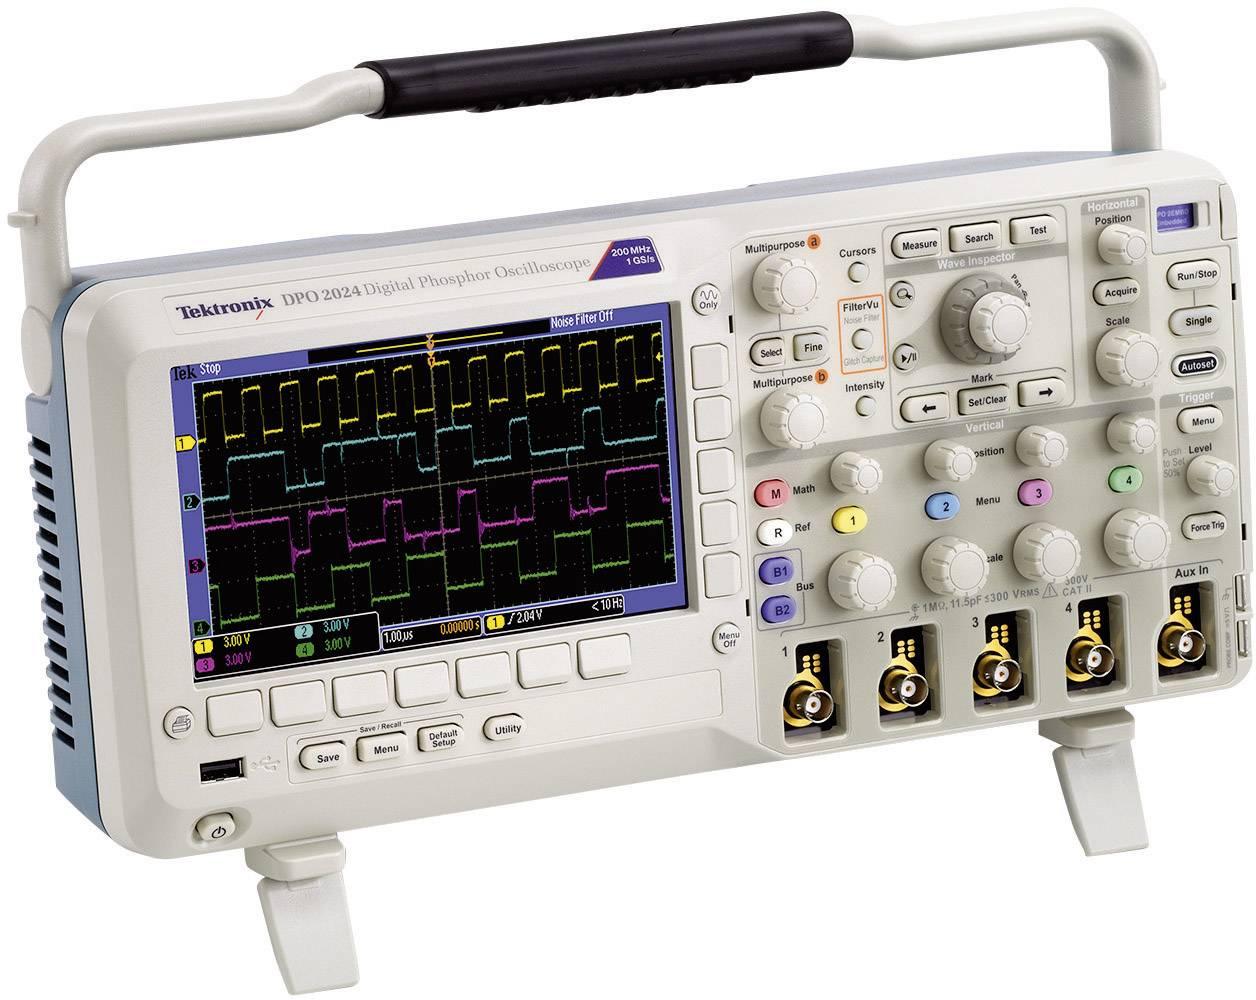 Digitálny osciloskop Tektronix DPO2024B, 200 MHz, 4-kanálový, kalibrácia podľa ISO